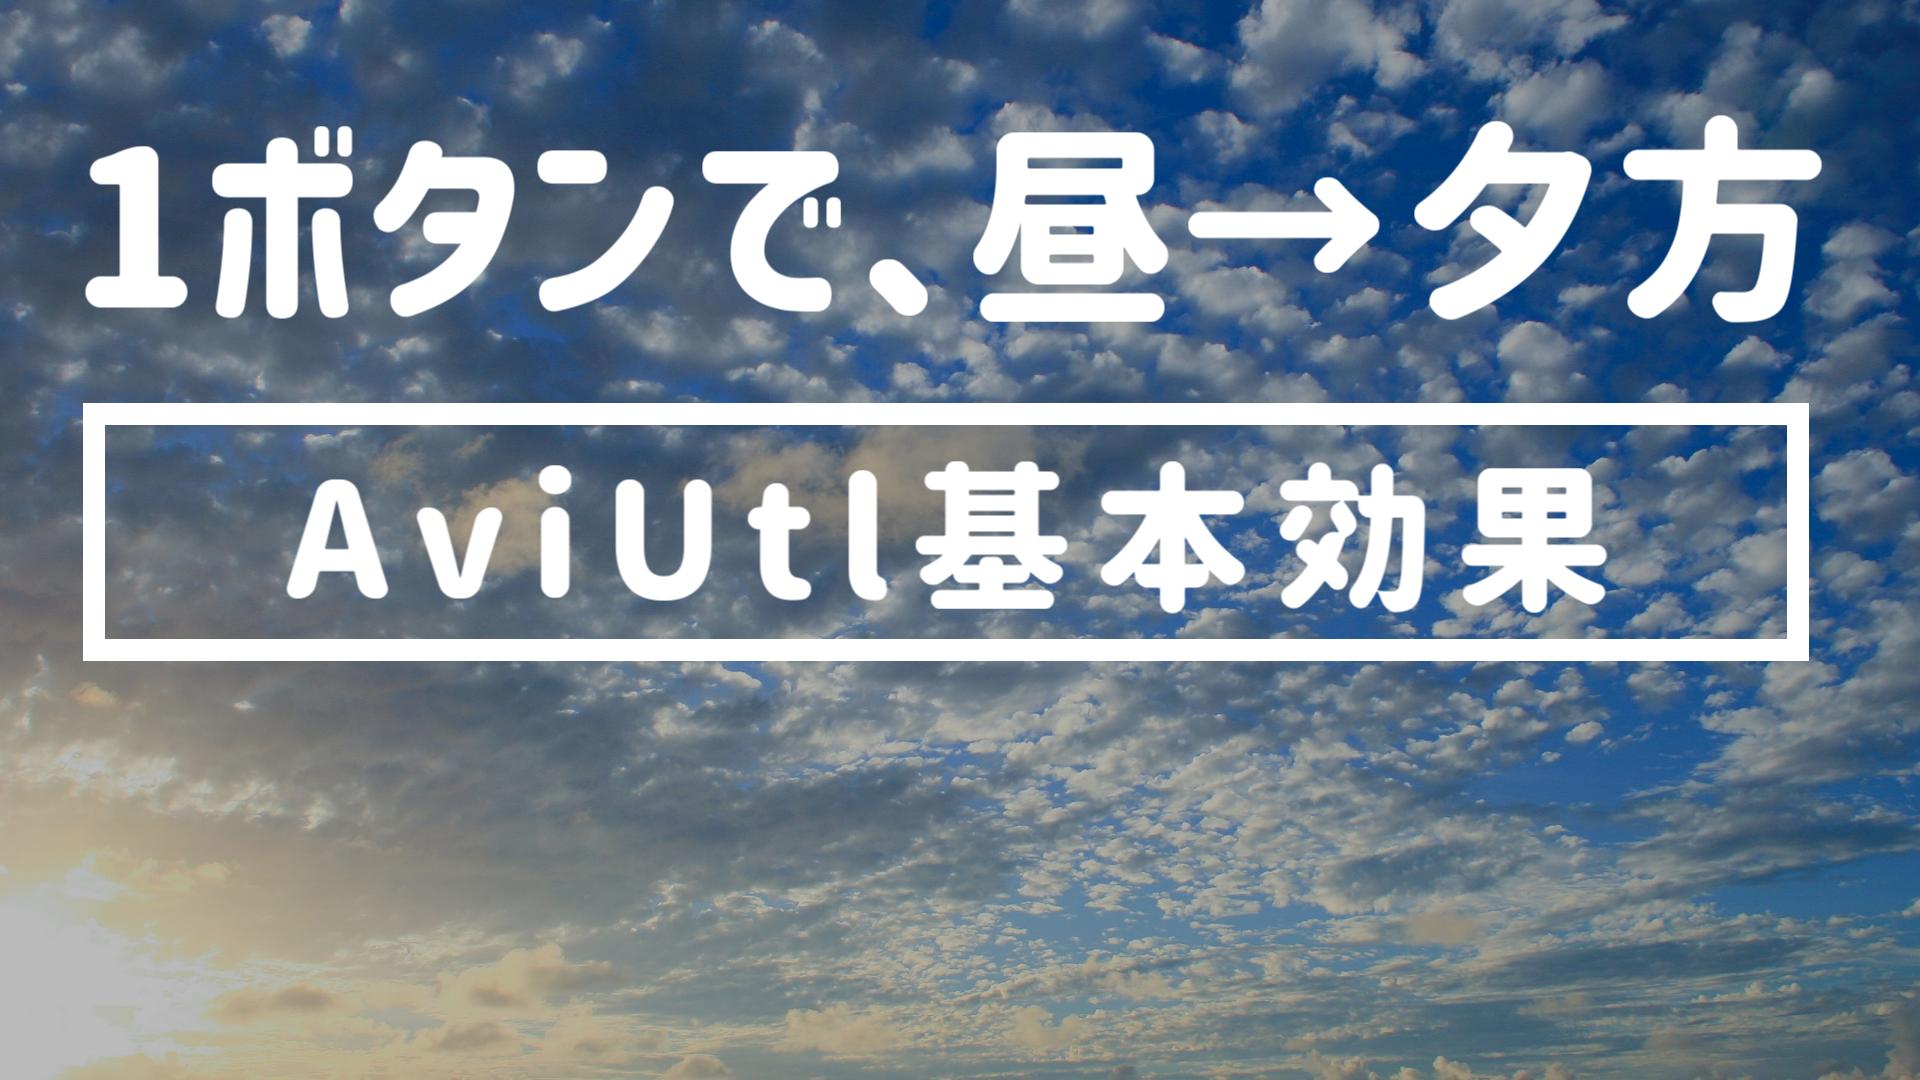 【AviUtl】基本効果をスルーした人へ